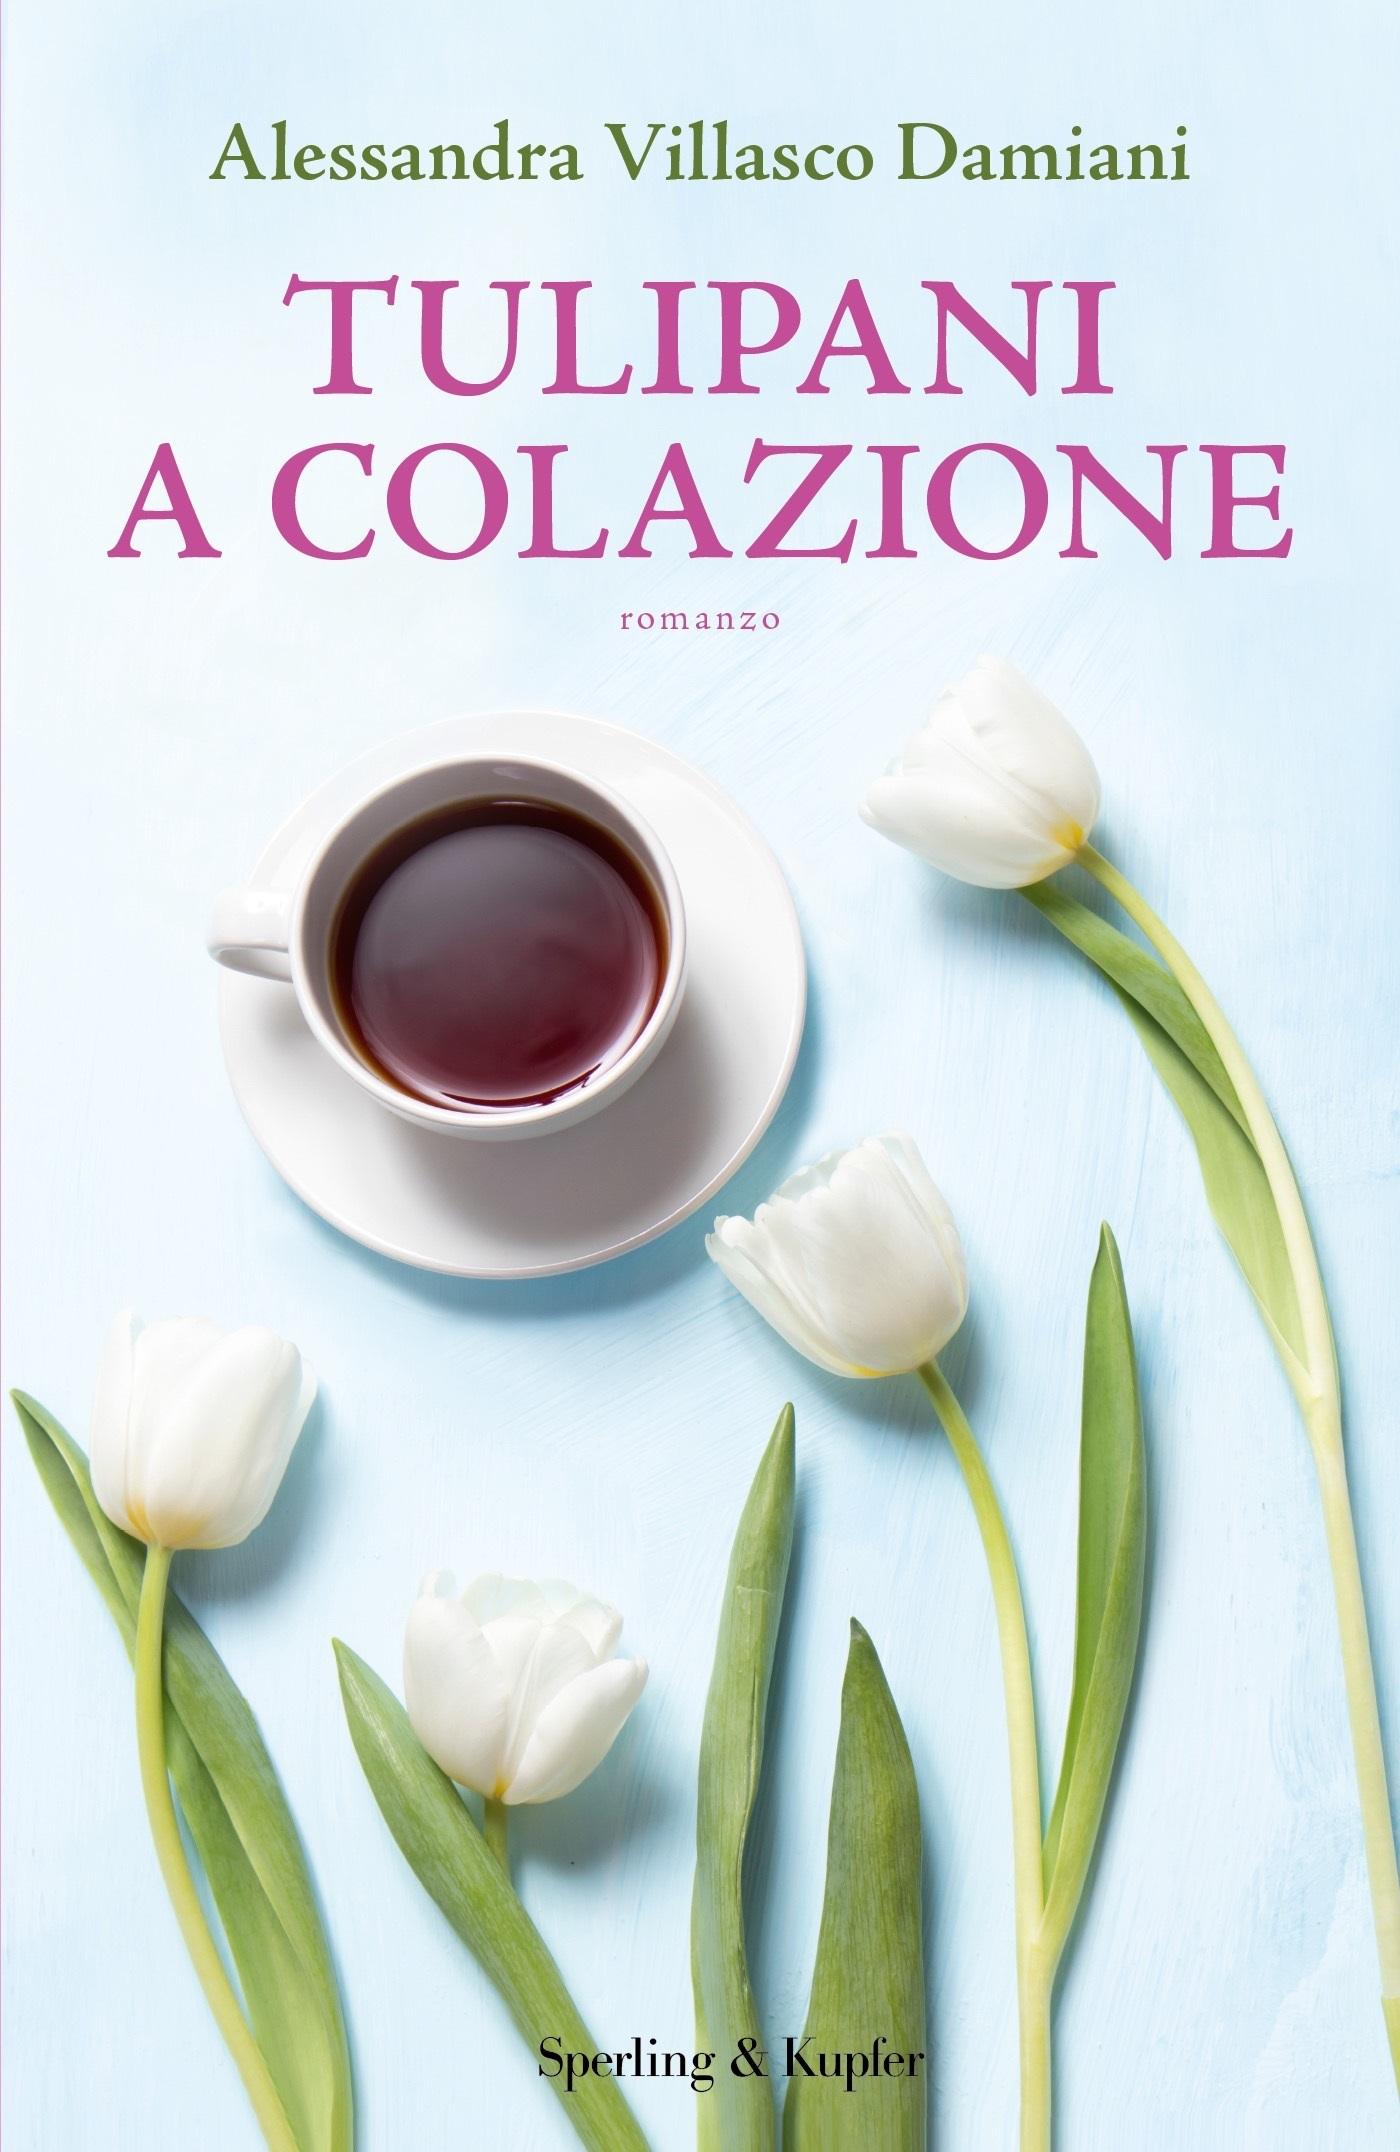 Tulipani a colazione di Alessandra Villasco Damiani  Sperling & Kupfer